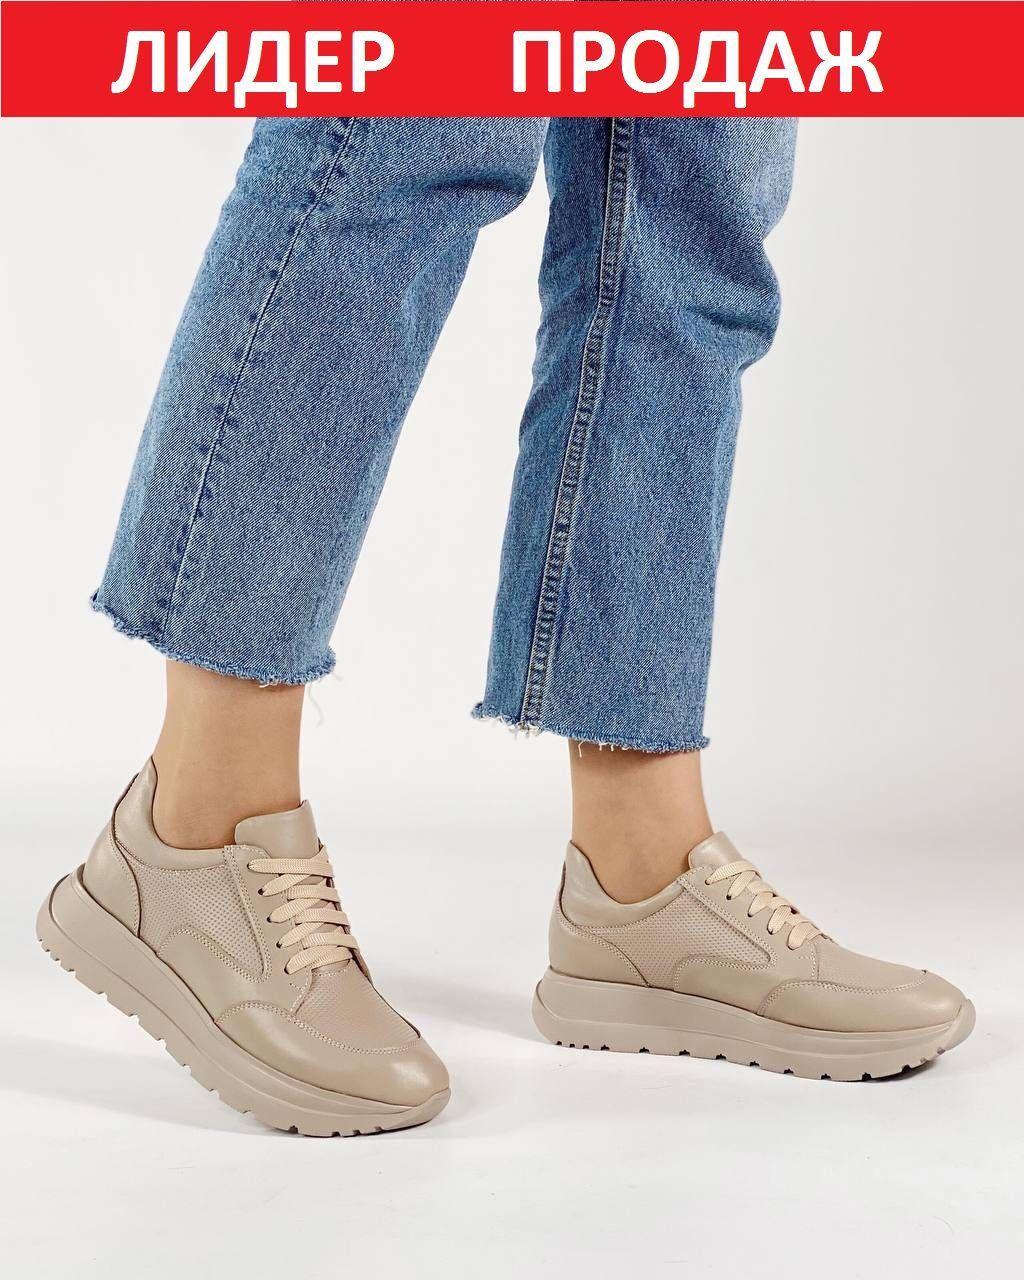 Жіночі бежеві кросівки Morento 0307